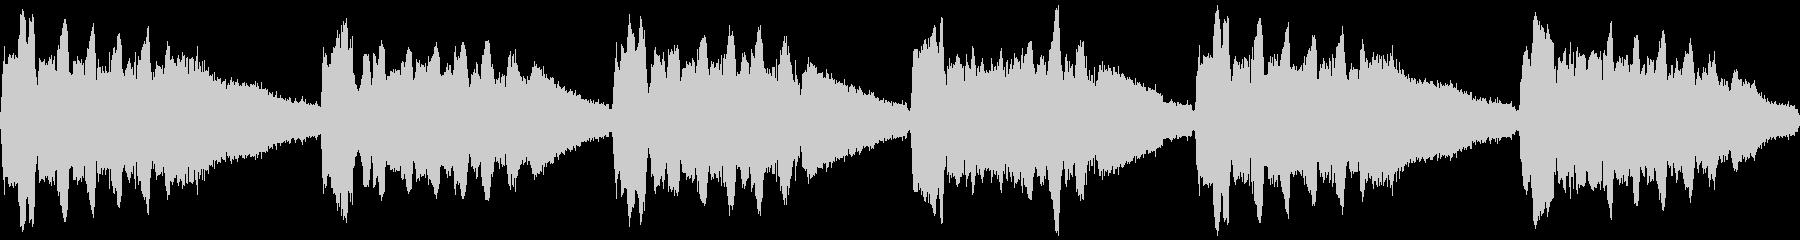 ミンミンゼミの鳴き声(近距離、一匹のみ)の未再生の波形